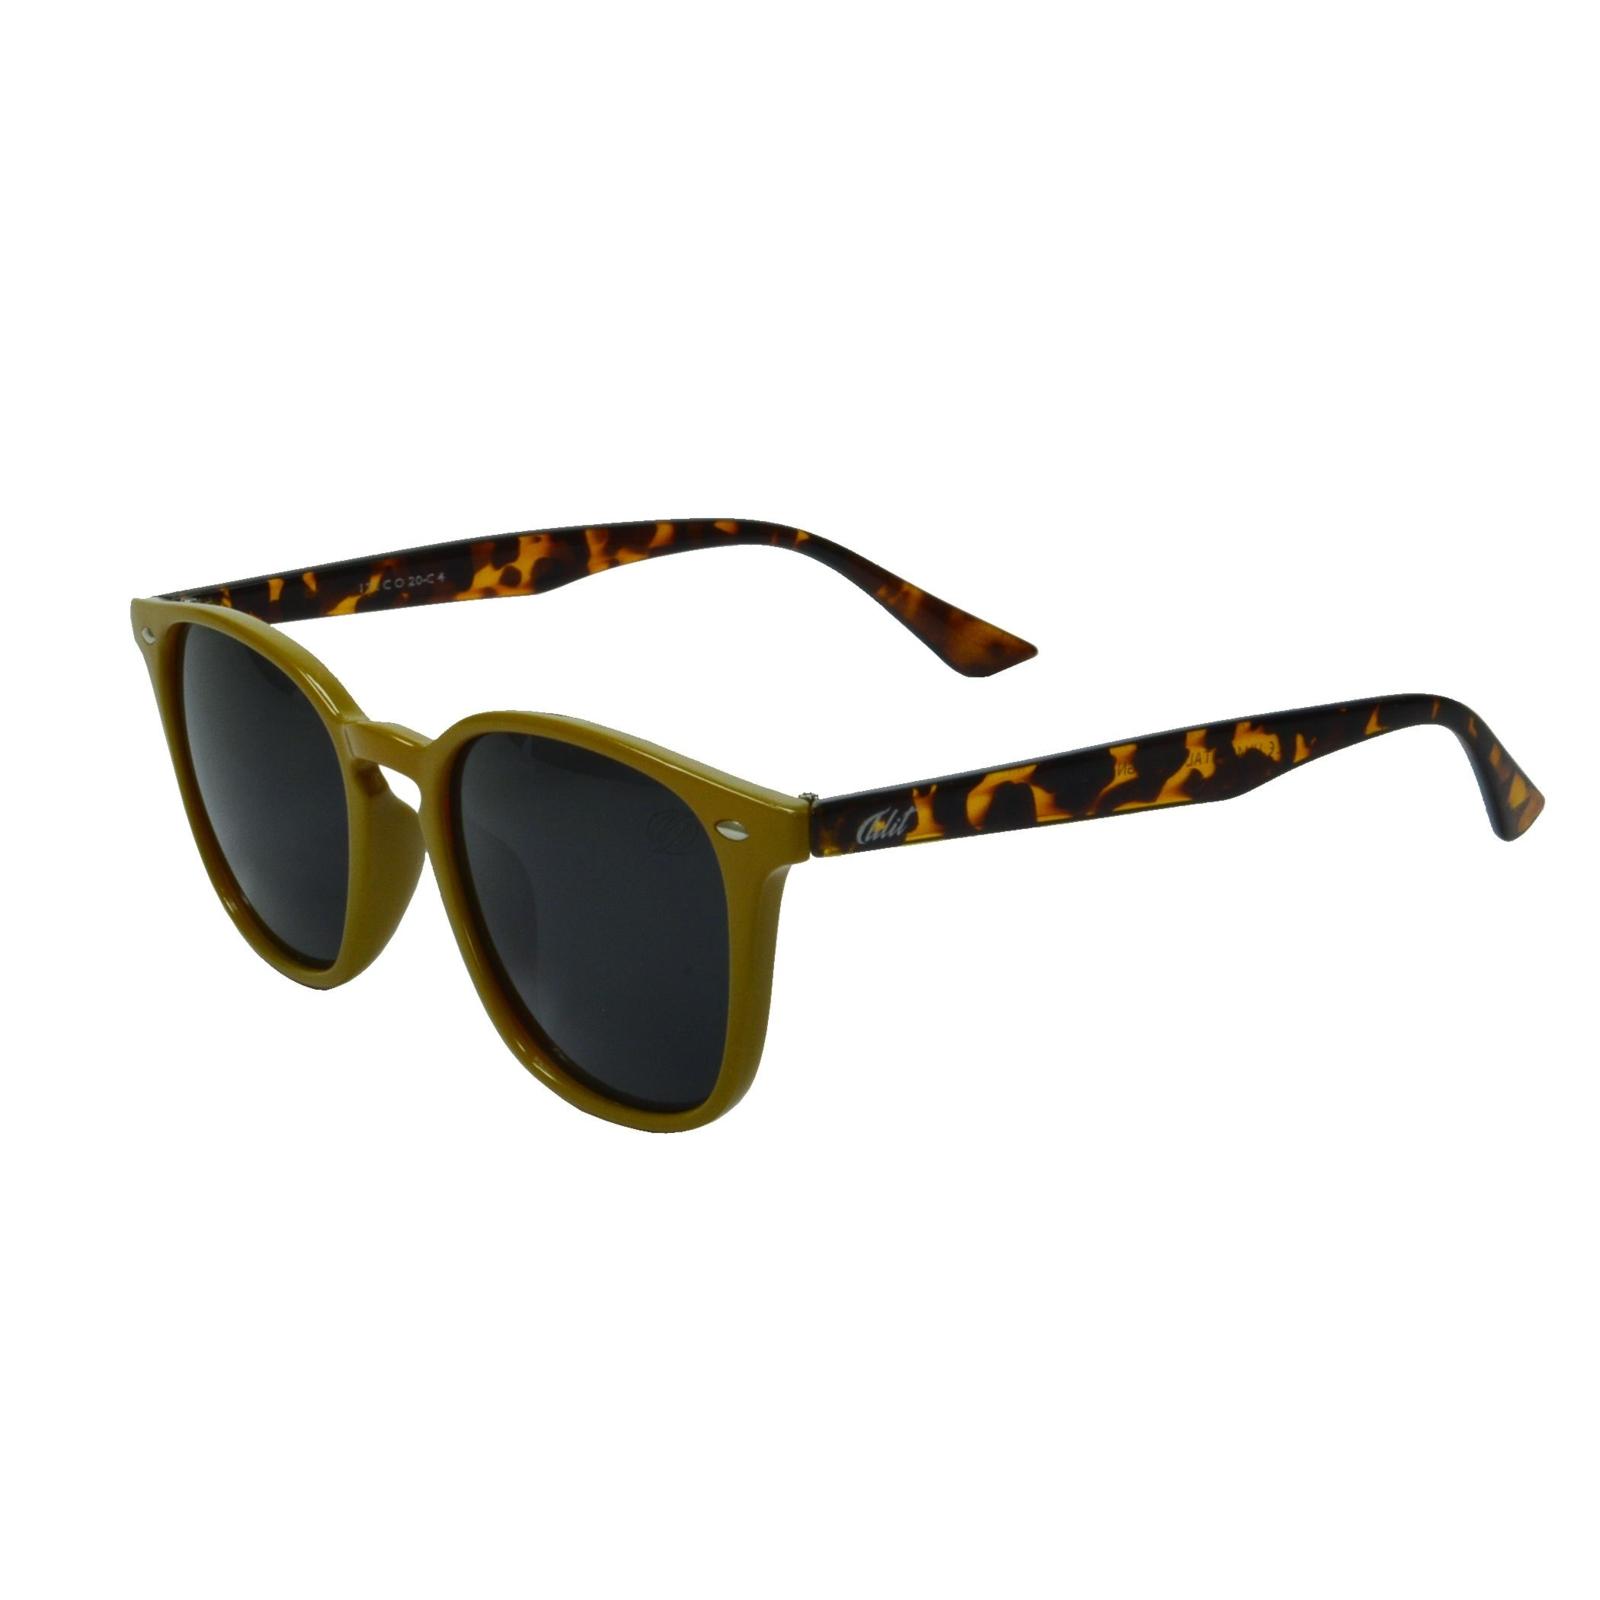 Óculos De Sol Tilit Unisex Acetato Quadrado Wayfarer - Mostarda/Tarta